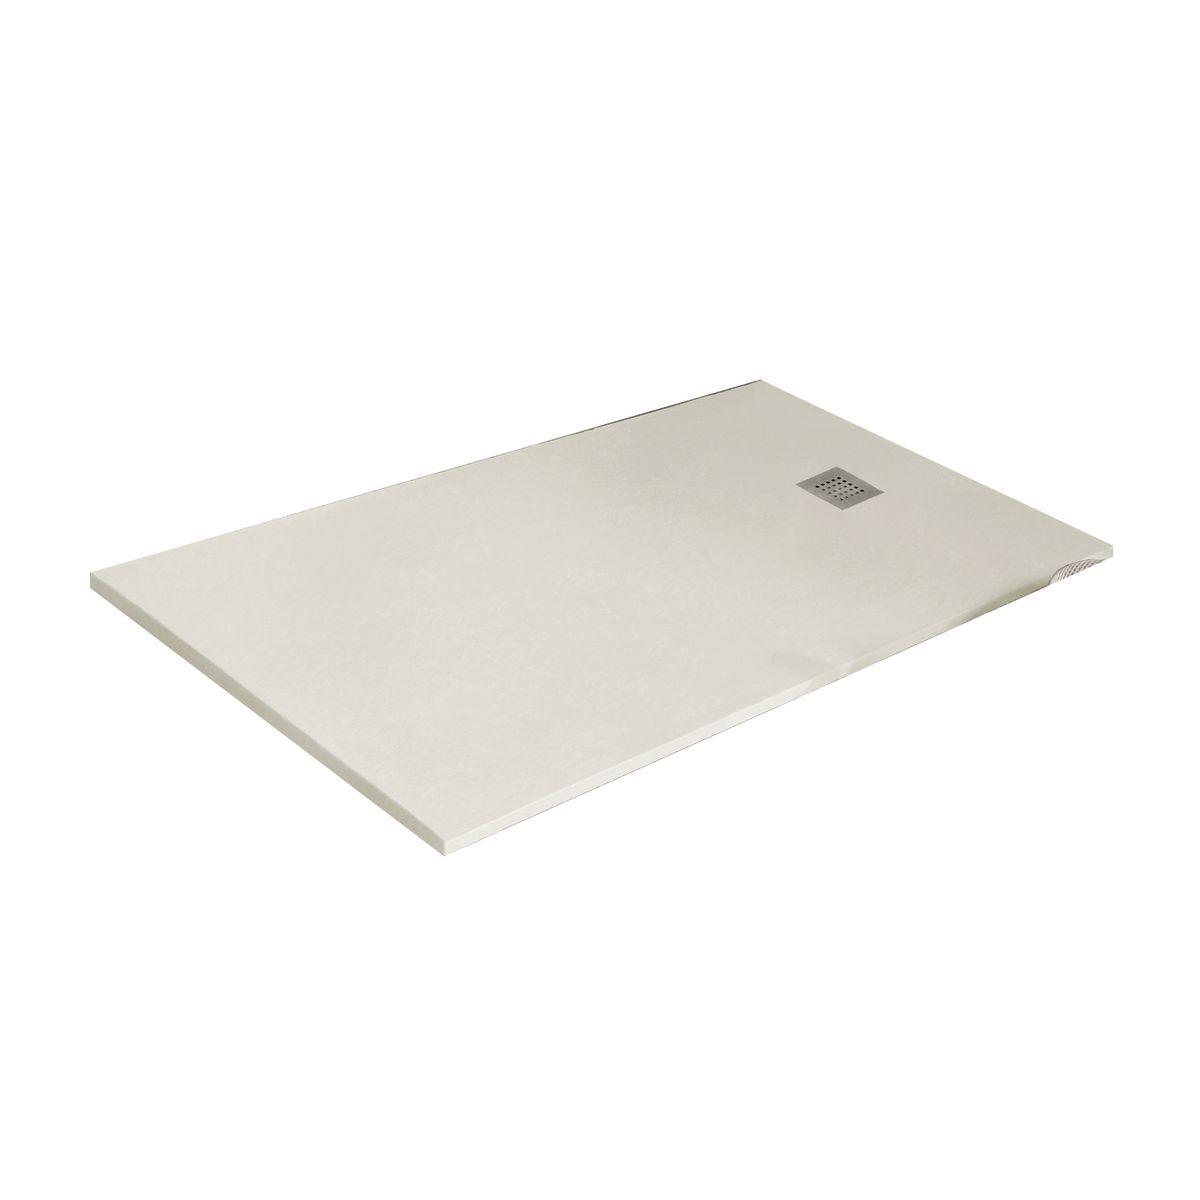 Piatto doccia resina Strato 120 x 80 cm bianco: prezzi e ...